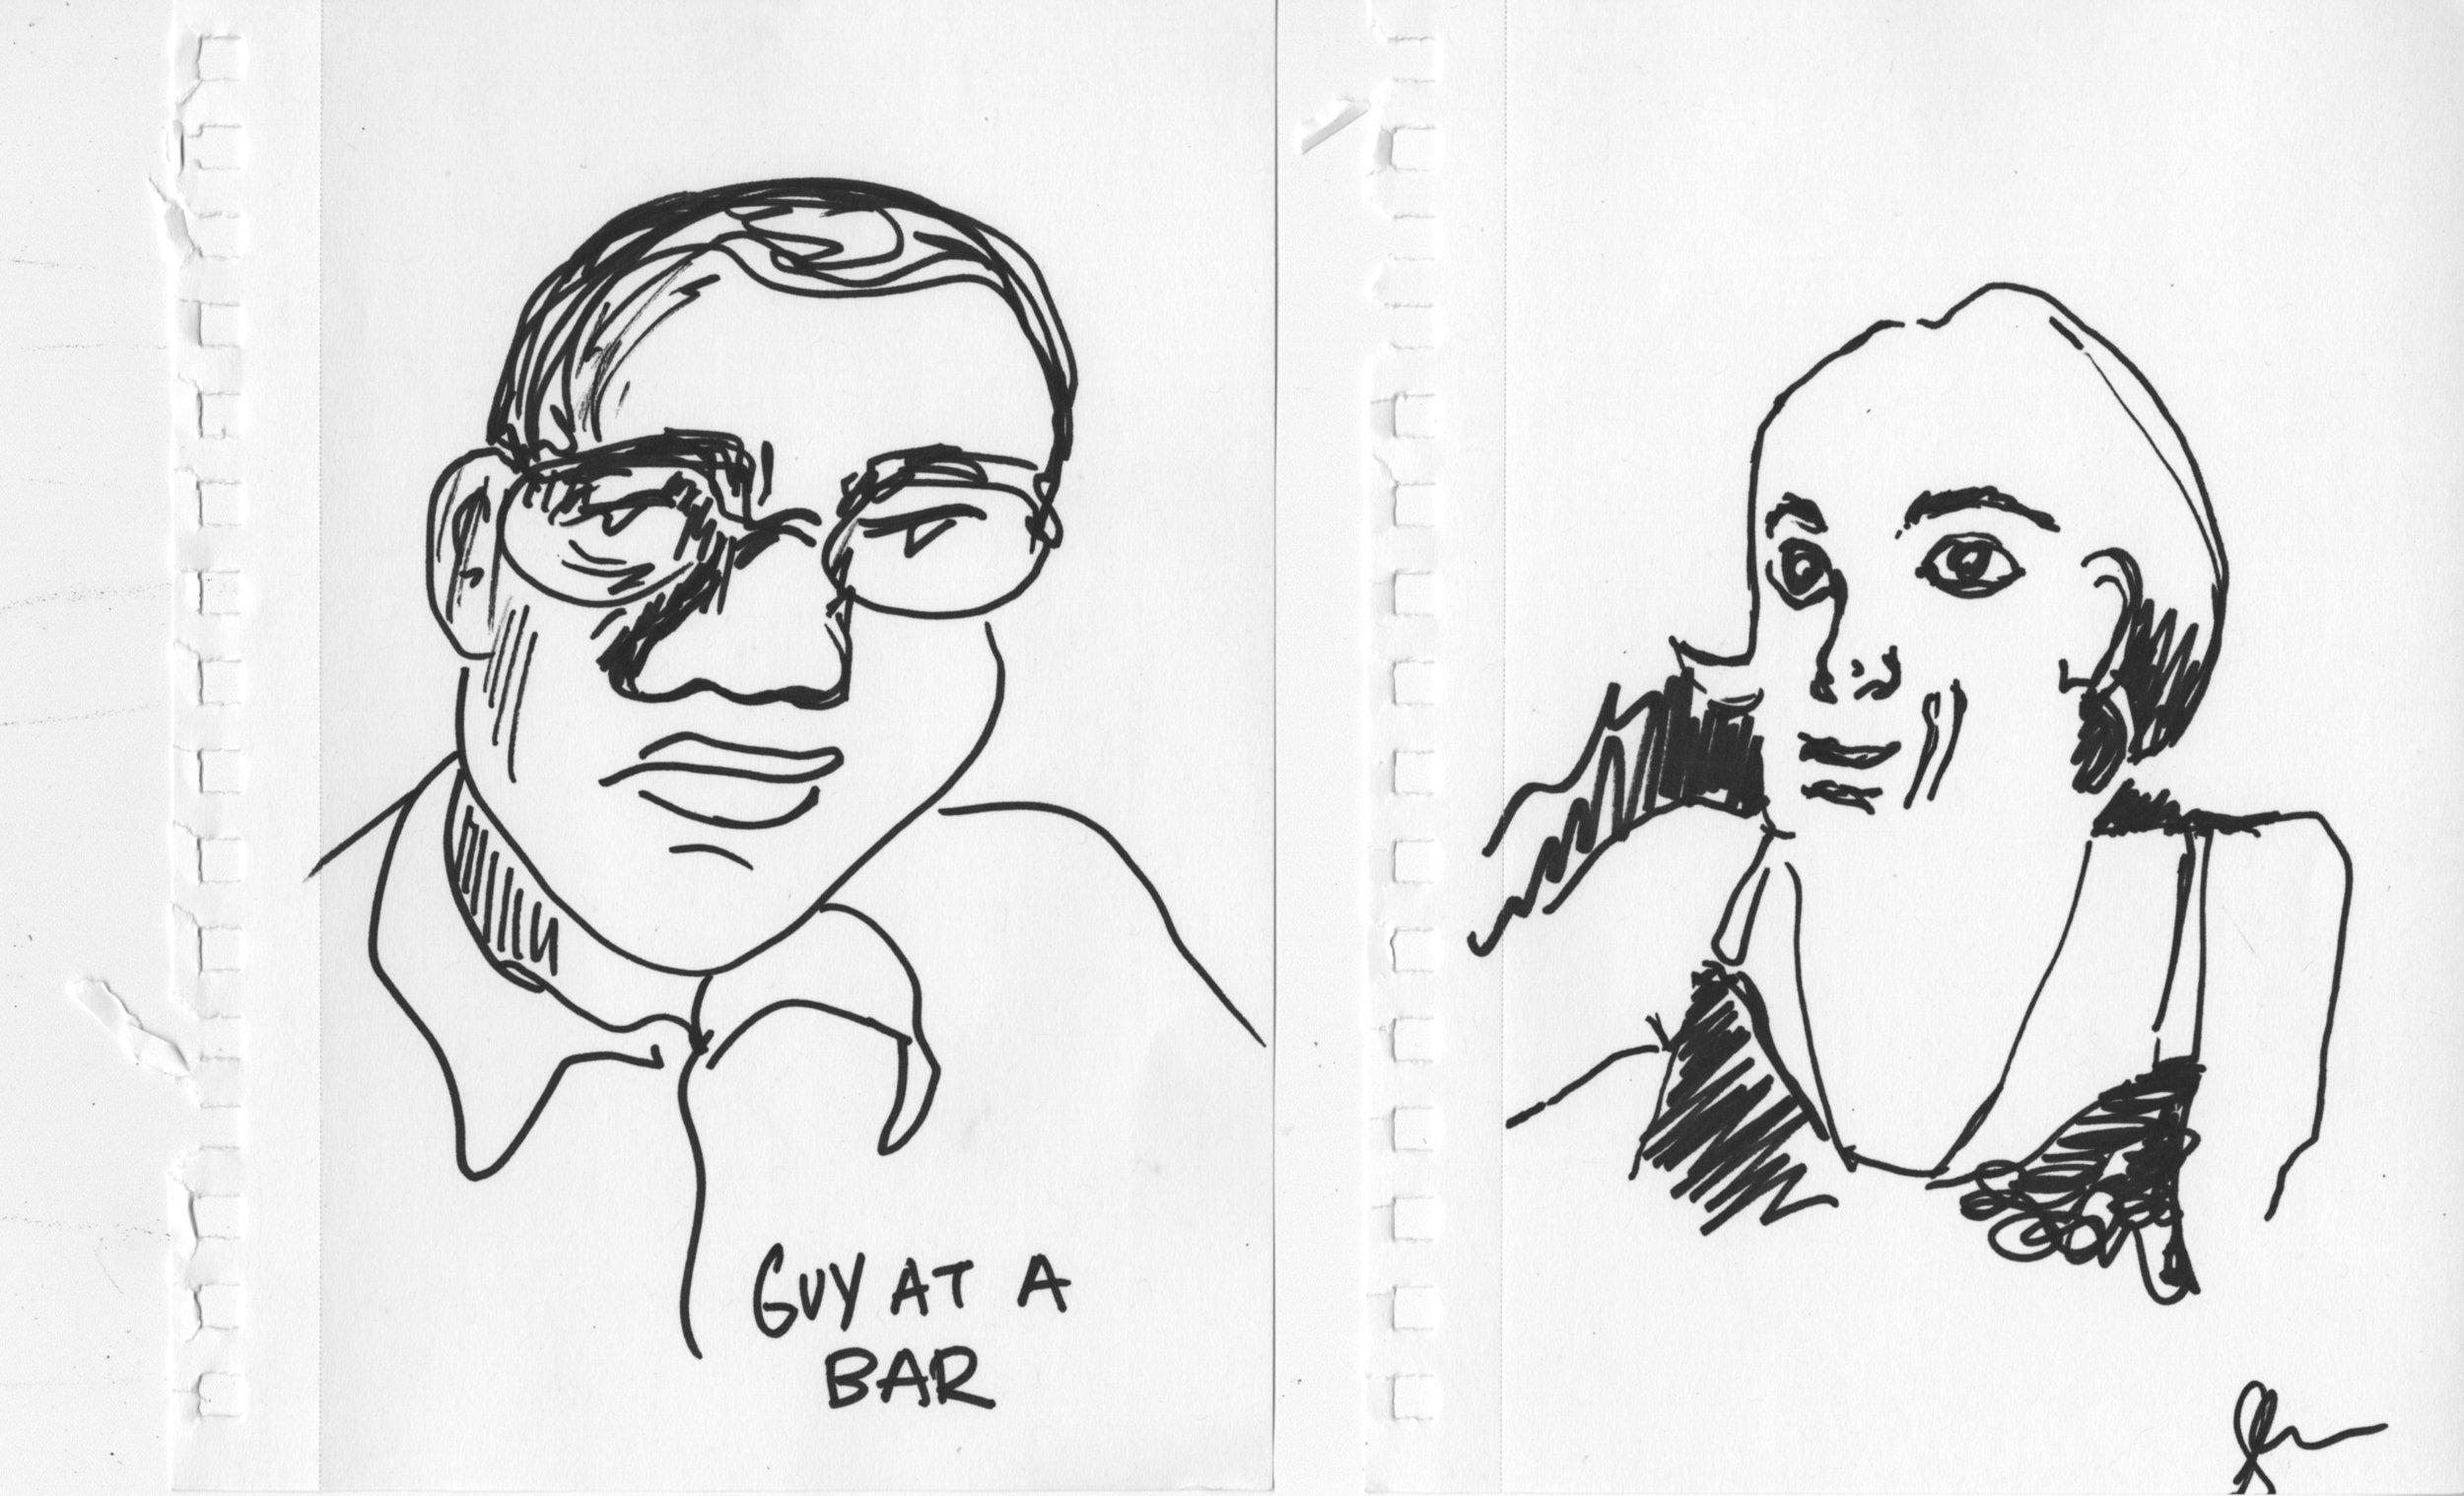 34_Guy at a Bar.jpg